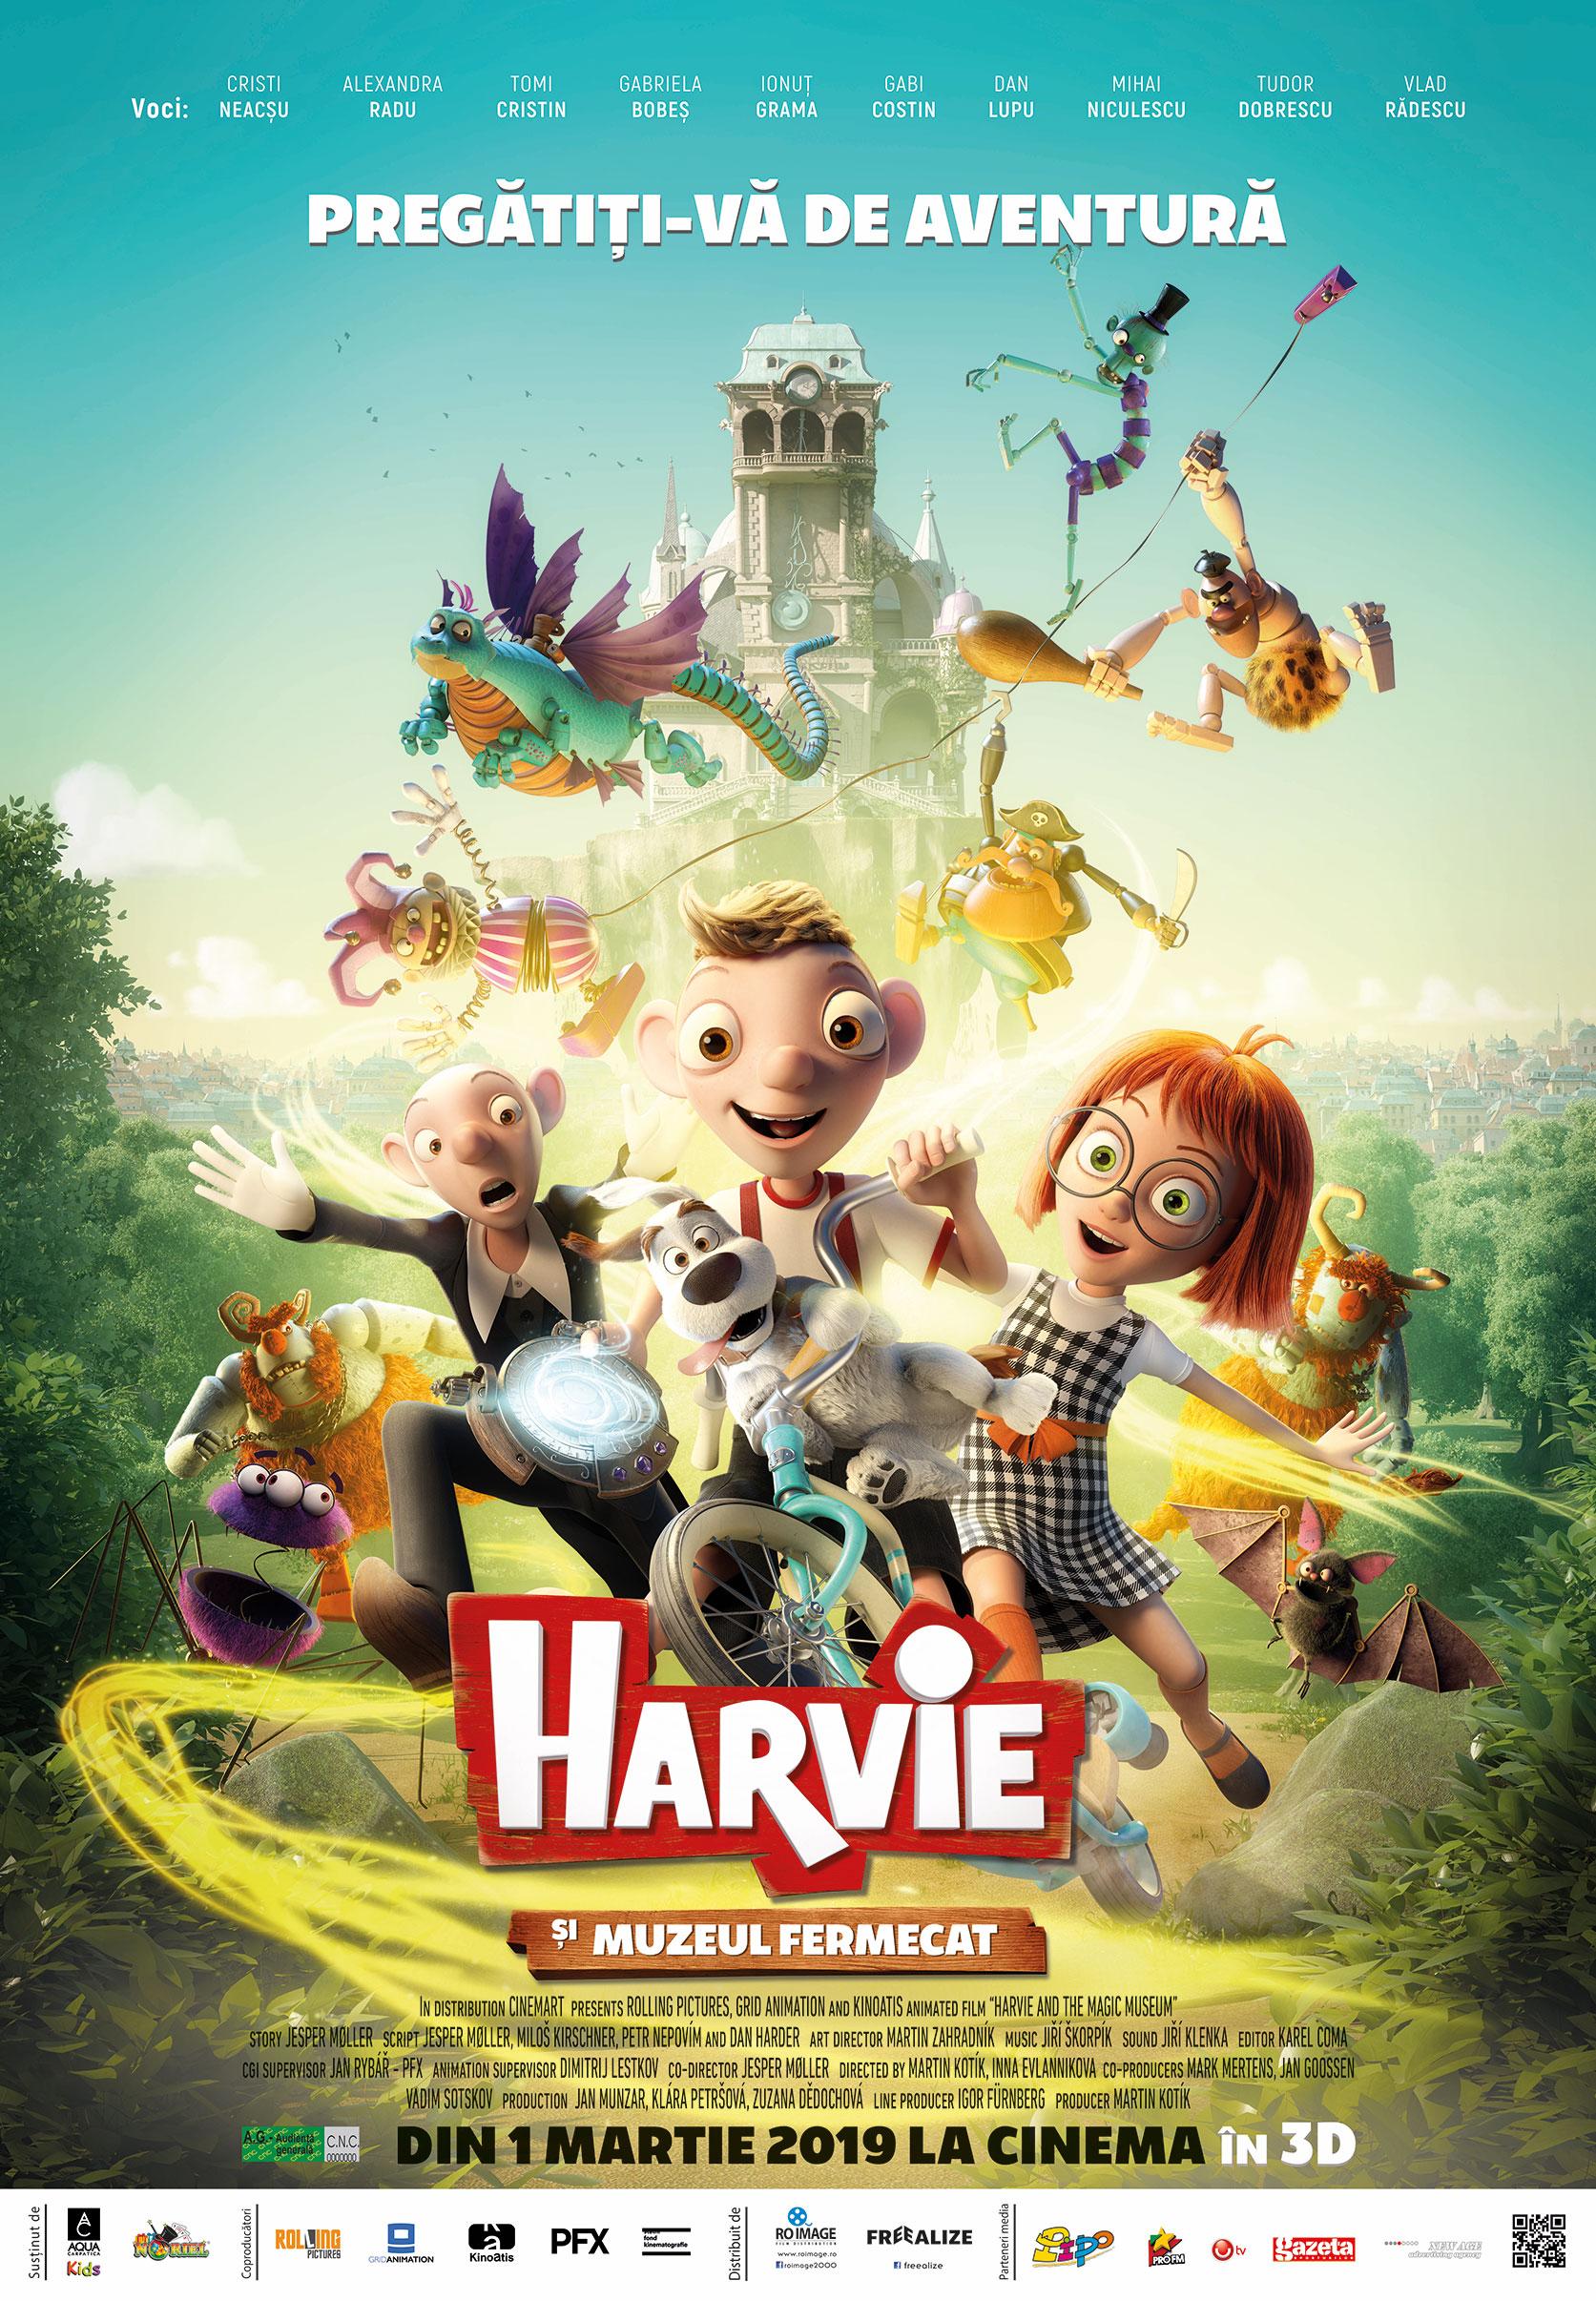 {focus_keyword} Animația 3D HARVIE ȘI MUZEUL FERMECAT se lansează în cinematografele din peste 50 de orașe din România la data de 1 martie 2019 629a78d9 1640 49fe 9f0b 92ca05e157bc